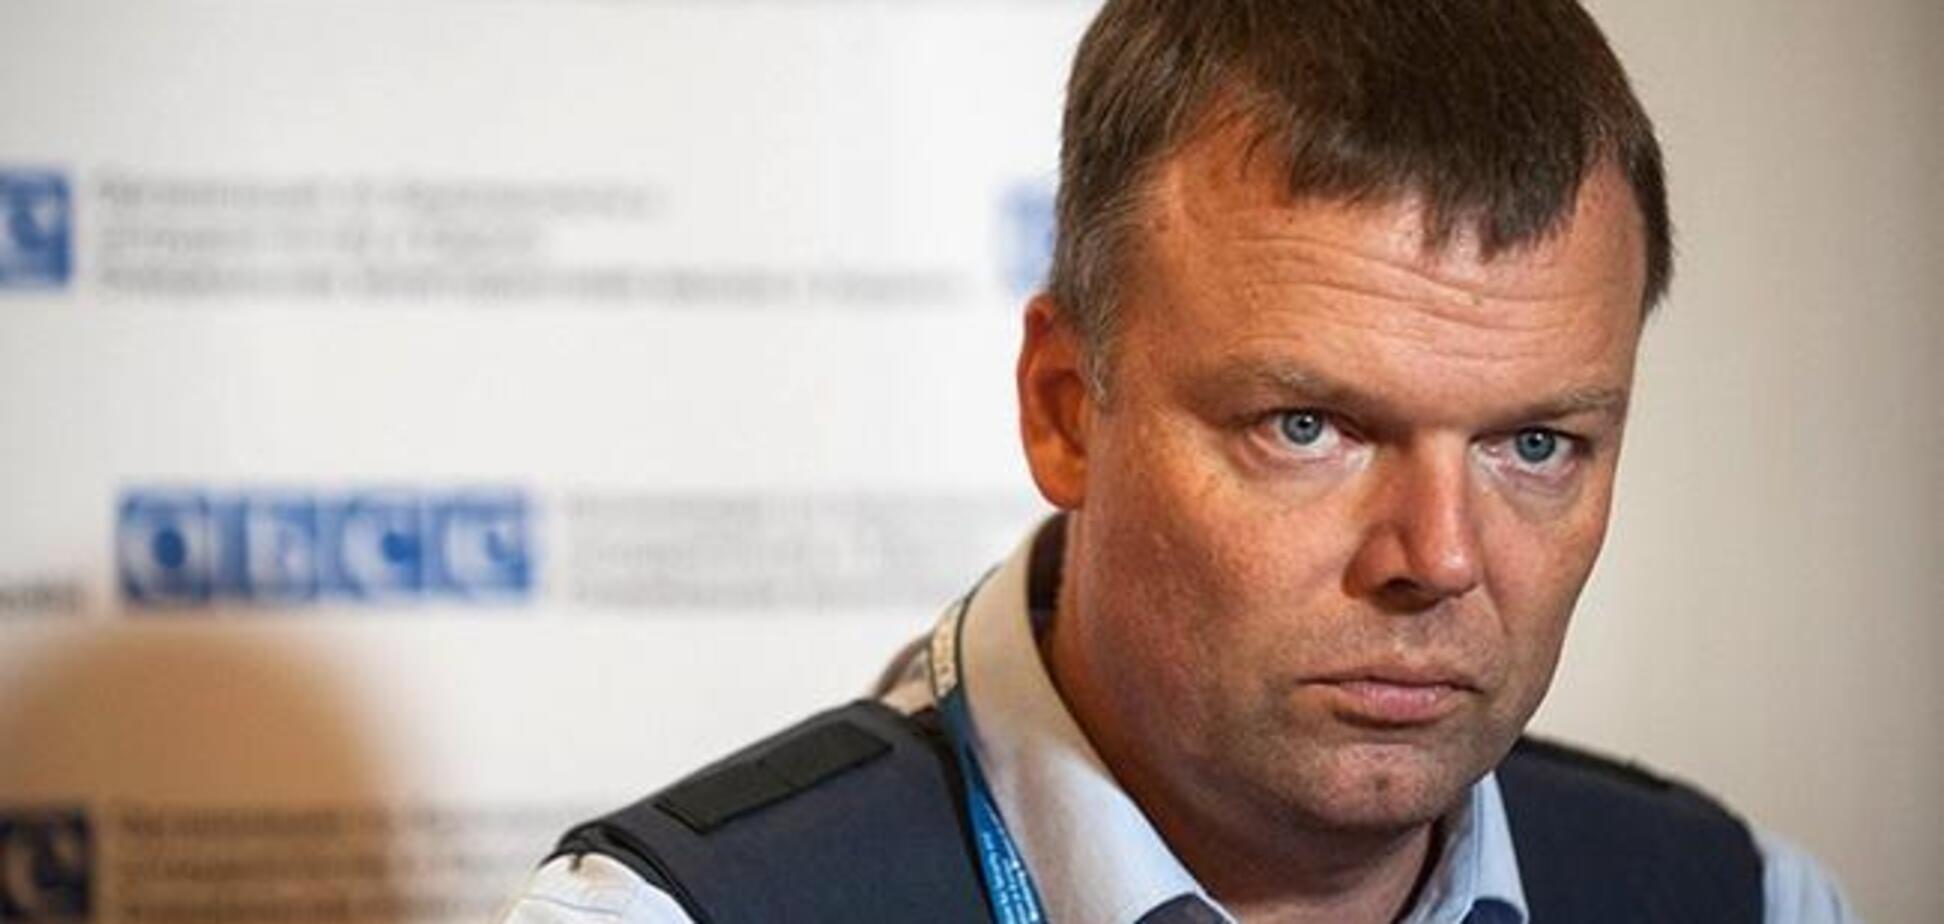 ''Це не виправдання'': Клімкін вказав Хугу на помилку з проросійськими заявами щодо Донбасу